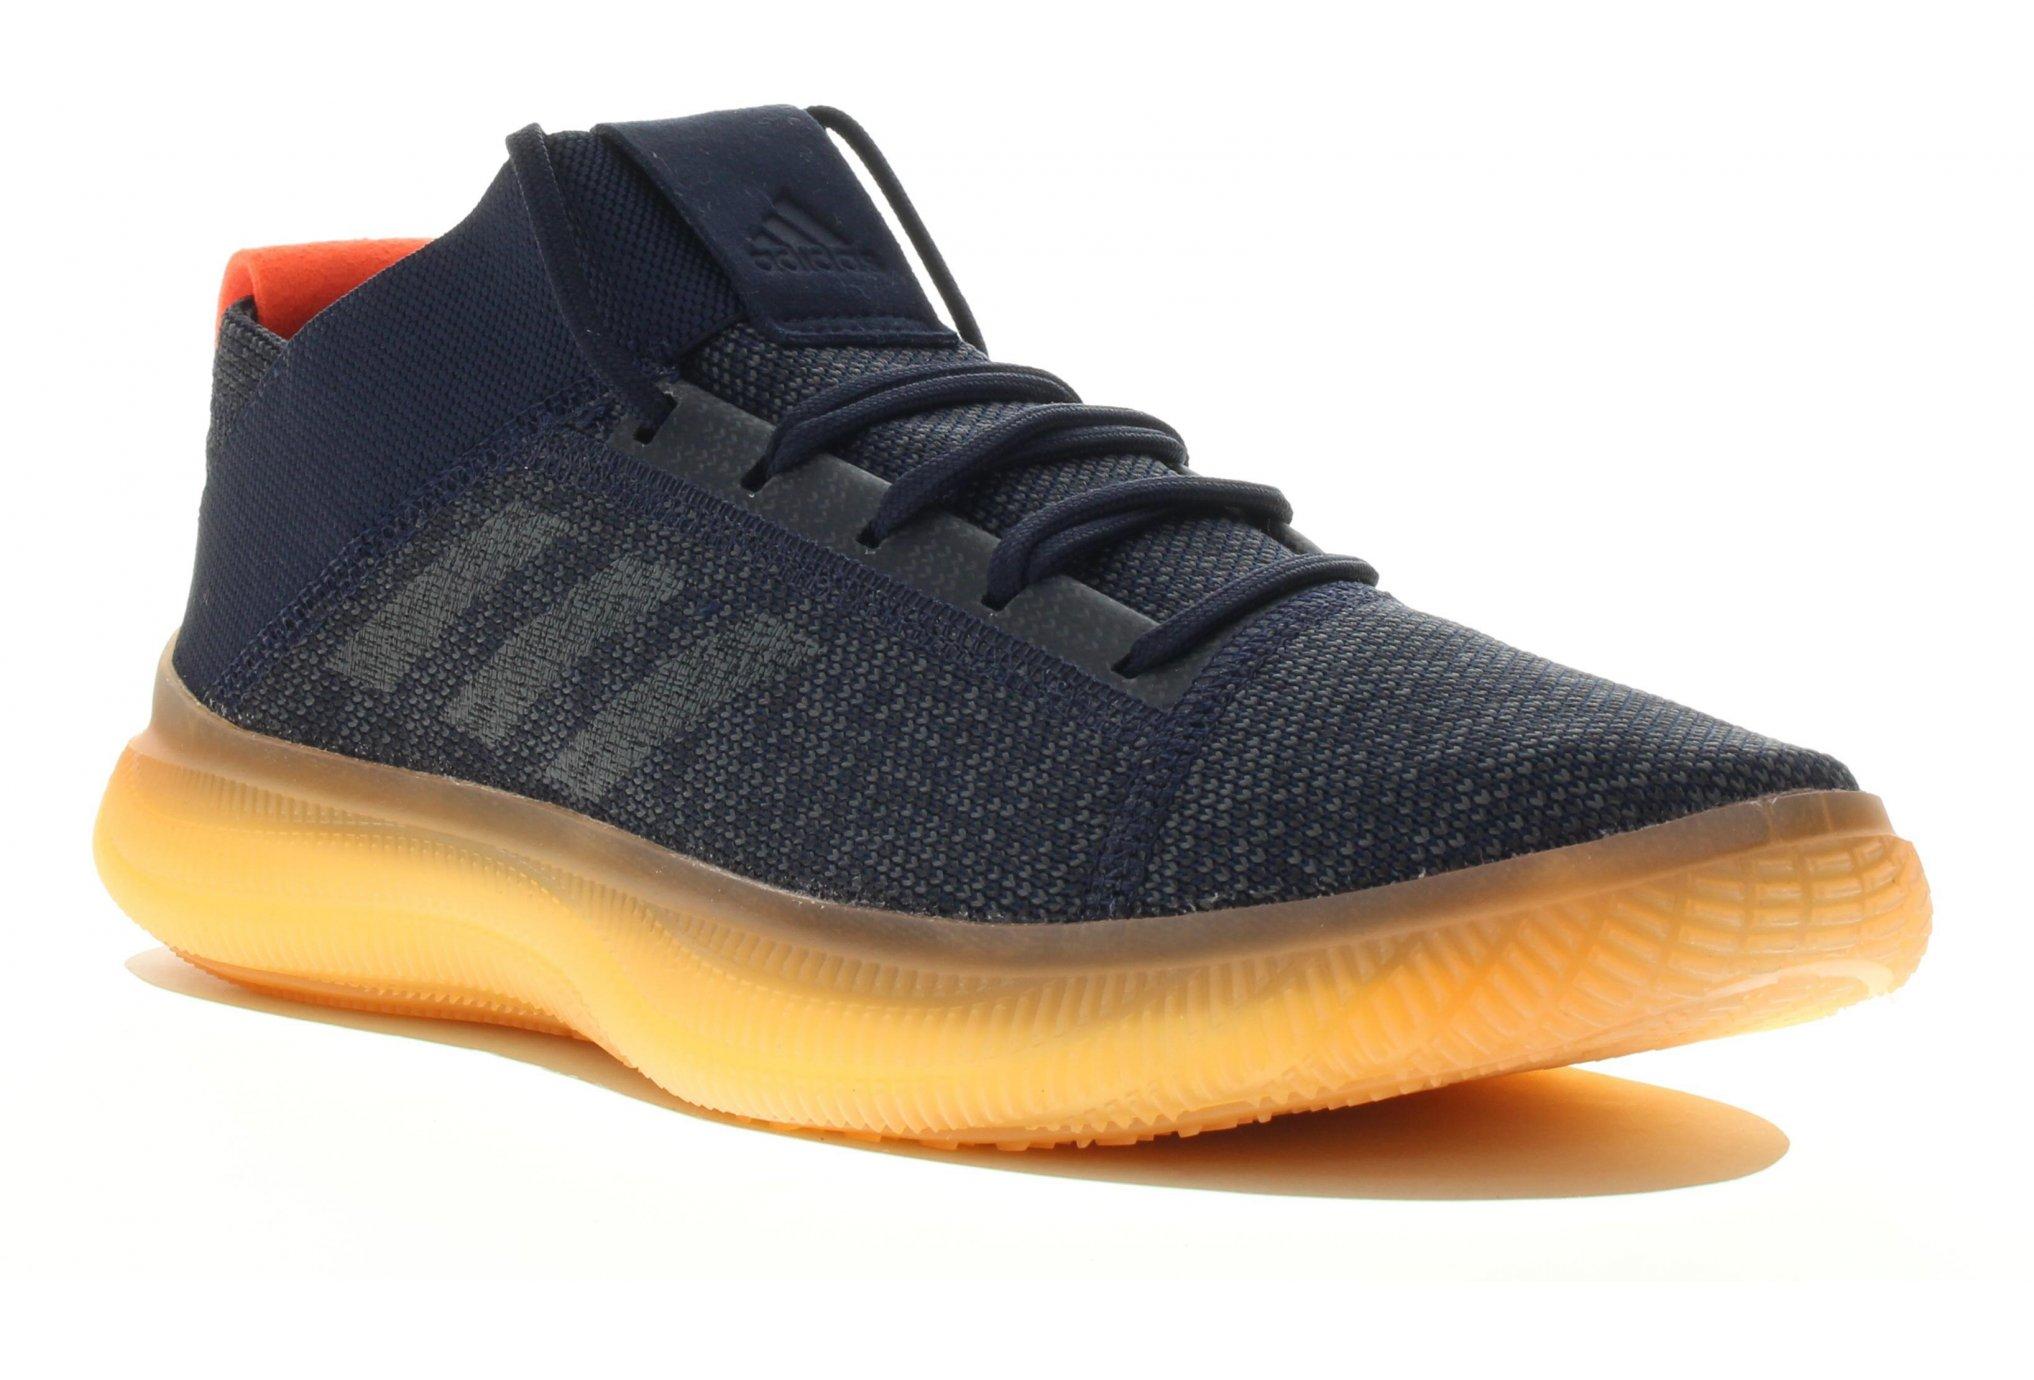 adidas PureBOOST Trainer W Chaussures running femme